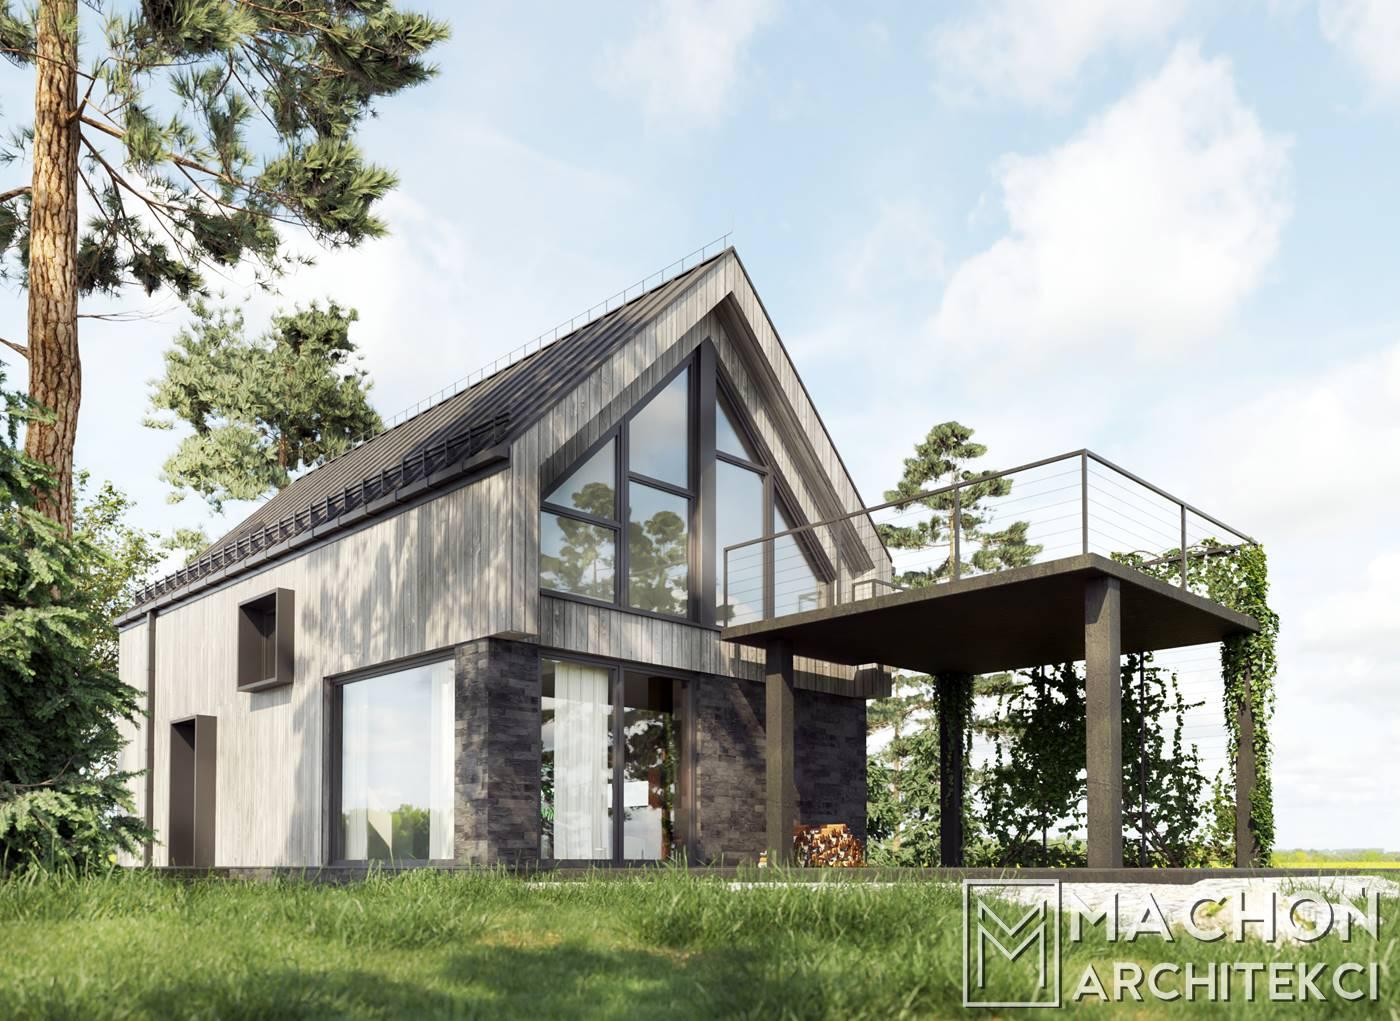 DIABLAK 100 Machoń Architekci szkieletowy stodola mieszkalny projekt z tarasem przeszklony deska elewacyjna